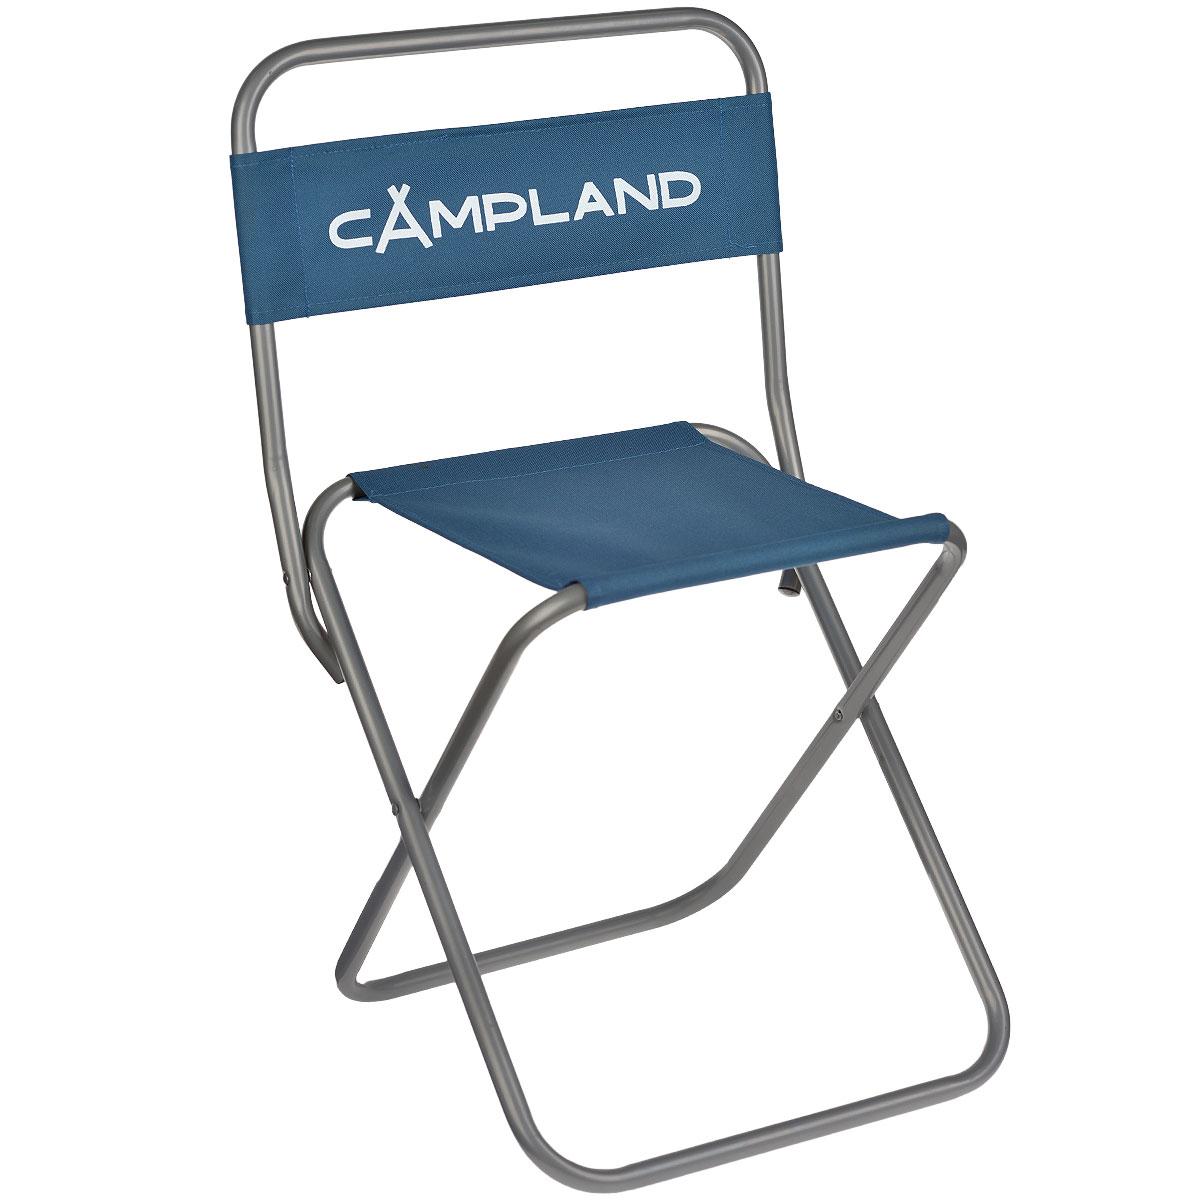 Стул рыбака складной CamplandBC009-7Складной стул Campland станет незаменимым предметом в походе, на природе, на рыбалке, а также на даче.Стул имеет прочный металлический каркас и сидение из плотного материала. Стул легко собирается и разбирается и не занимает много места, поэтому подходит для транспортировки и хранения дома. Характеристики:Материал: сталь, полиэстер. Размер стула: 50 см х 46 см х 49 см. Мах нагрузка: 110 кг. Размер упаковки: 56 см х 44 см х 6 см. Артикул: BC009-7.